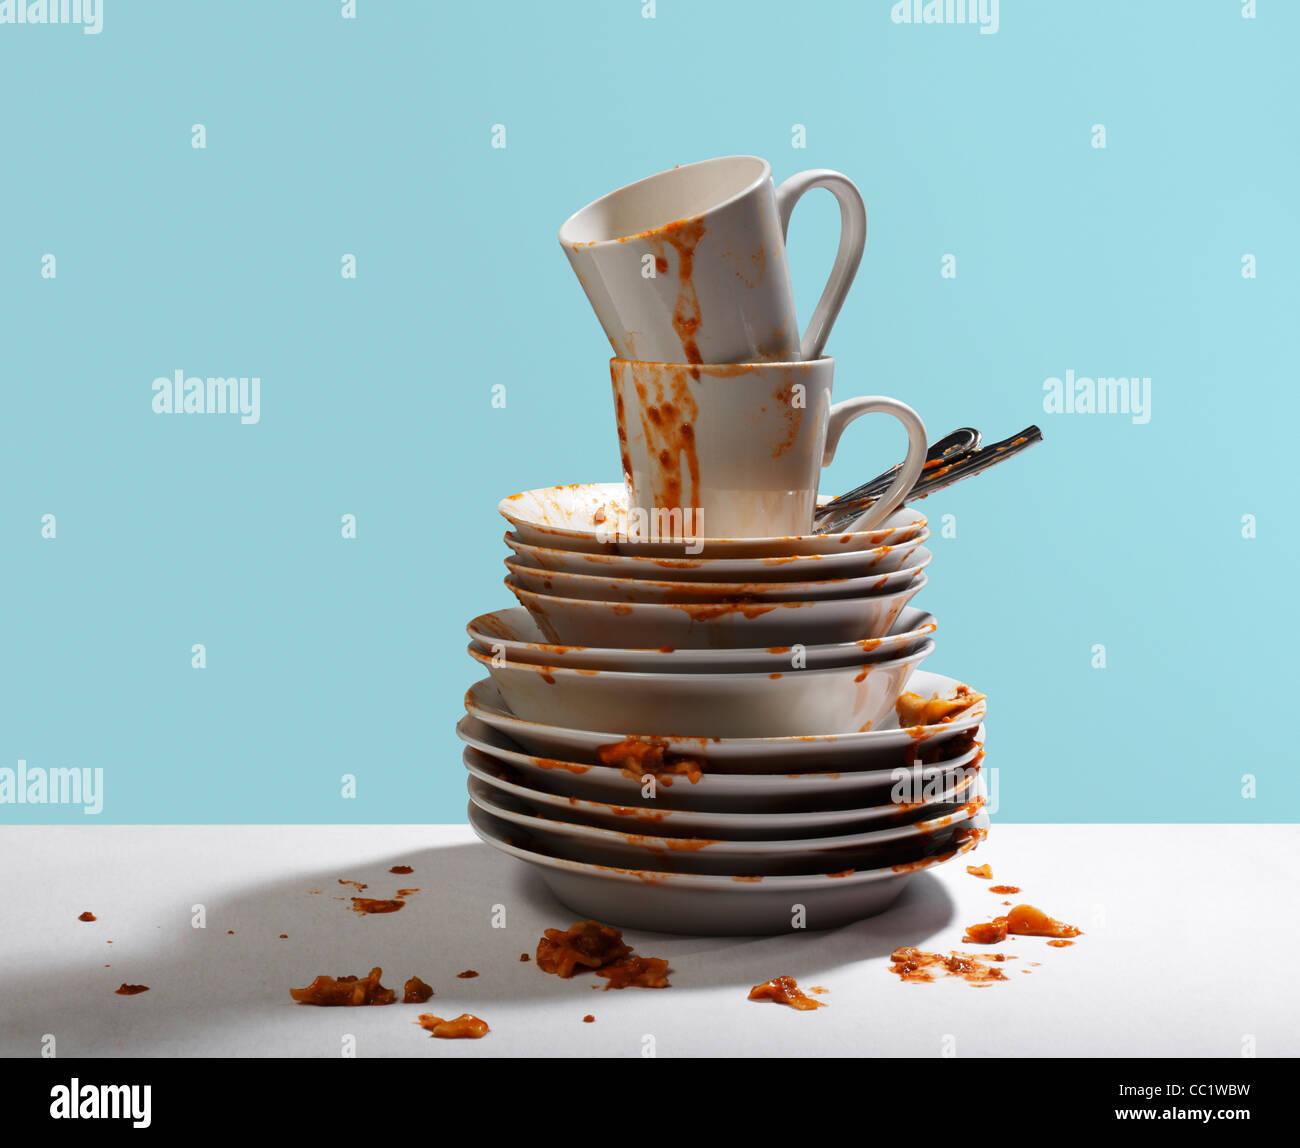 Studioaufnahme von schmutzigen, weißen Geschirr gestapelt Stockbild